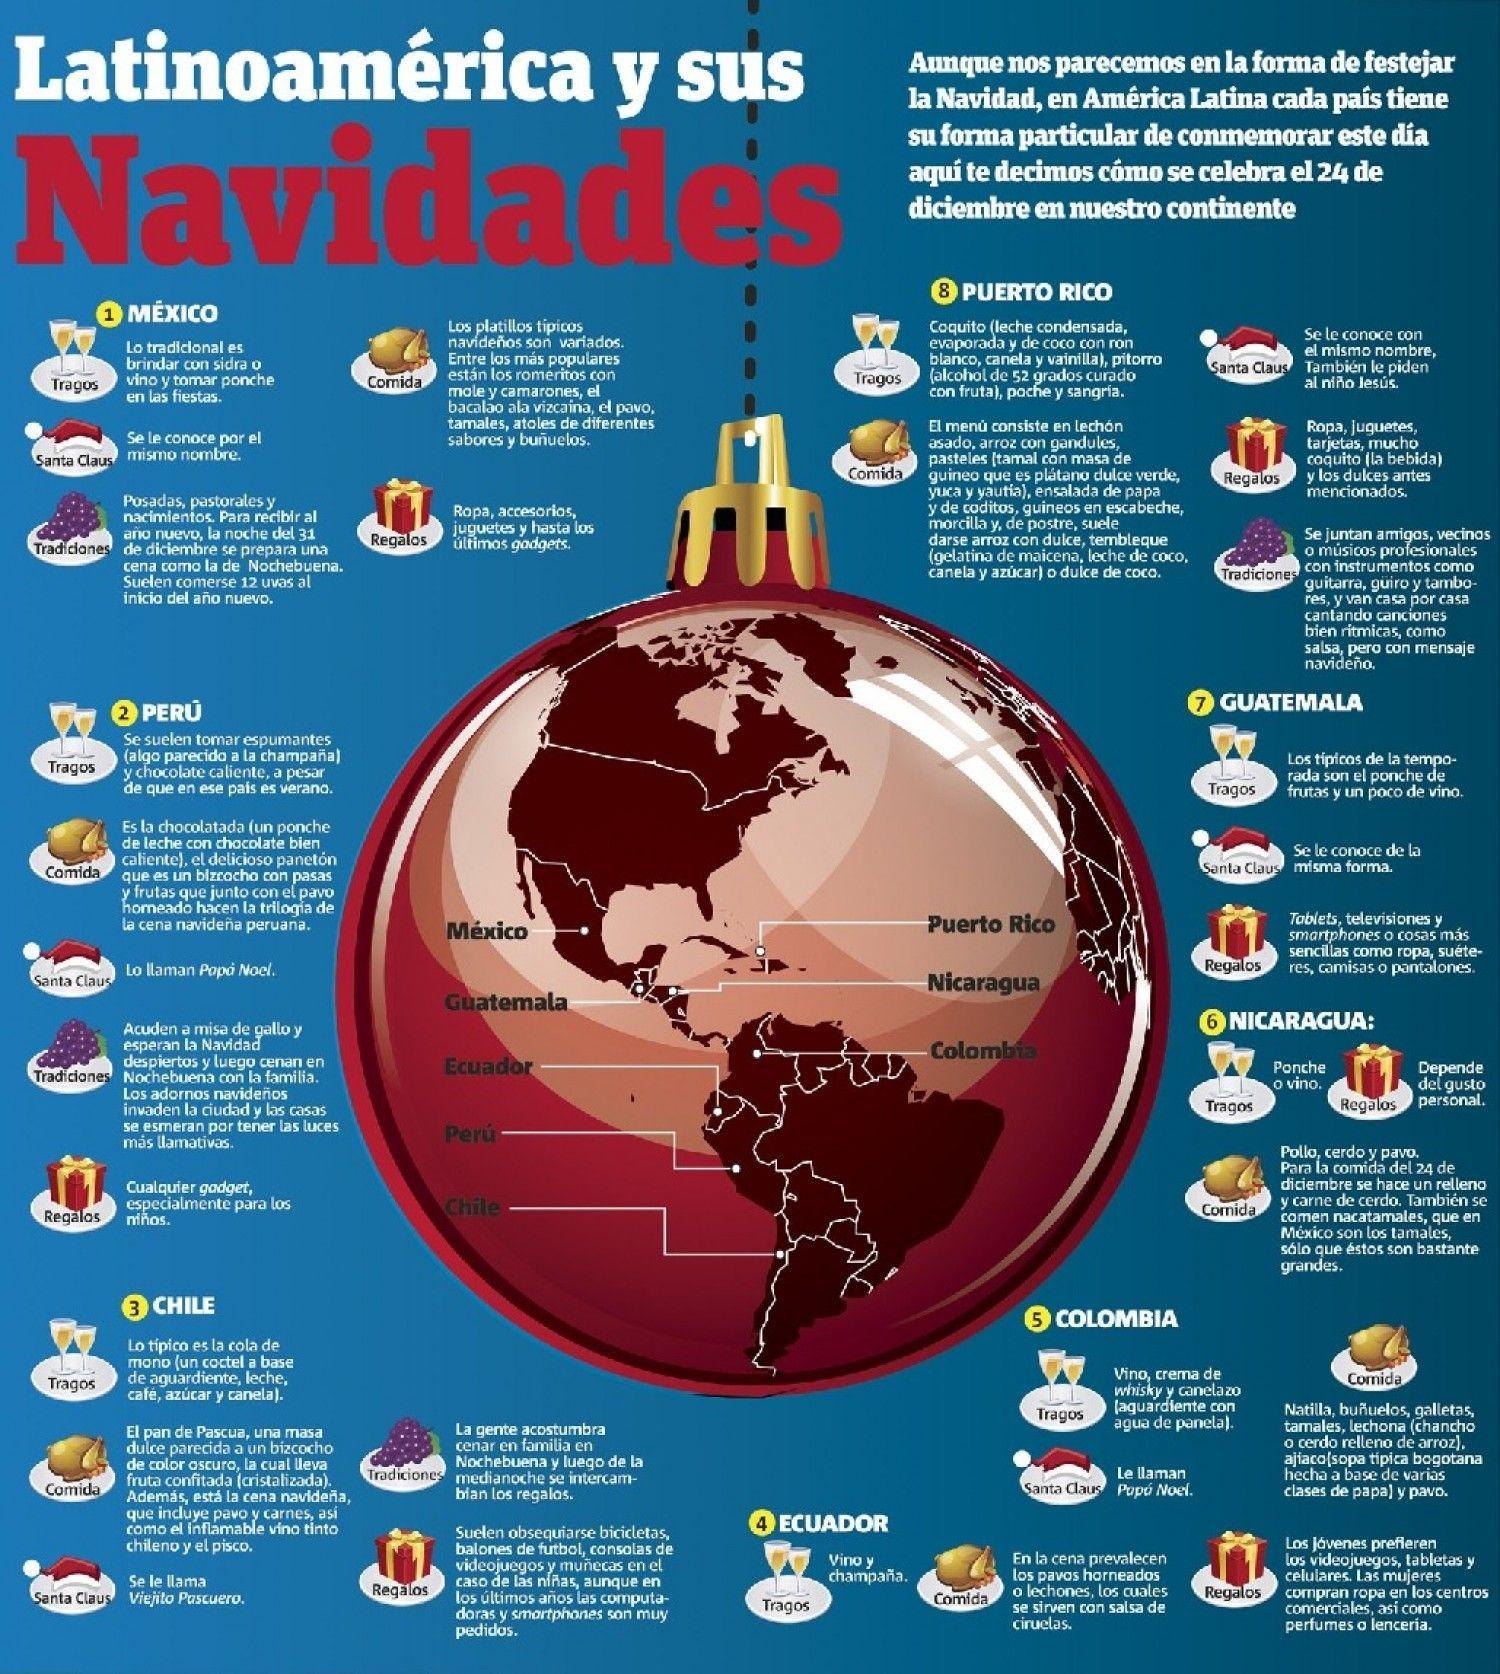 Calendario 2020 Con Festivos Guatemala Más Populares 89 Tendencias De Navedad Para Explorar Of Calendario 2020 Con Festivos Guatemala Más Arriba-a-fecha Quito 10 Diciembre 2015 [pdf Document]